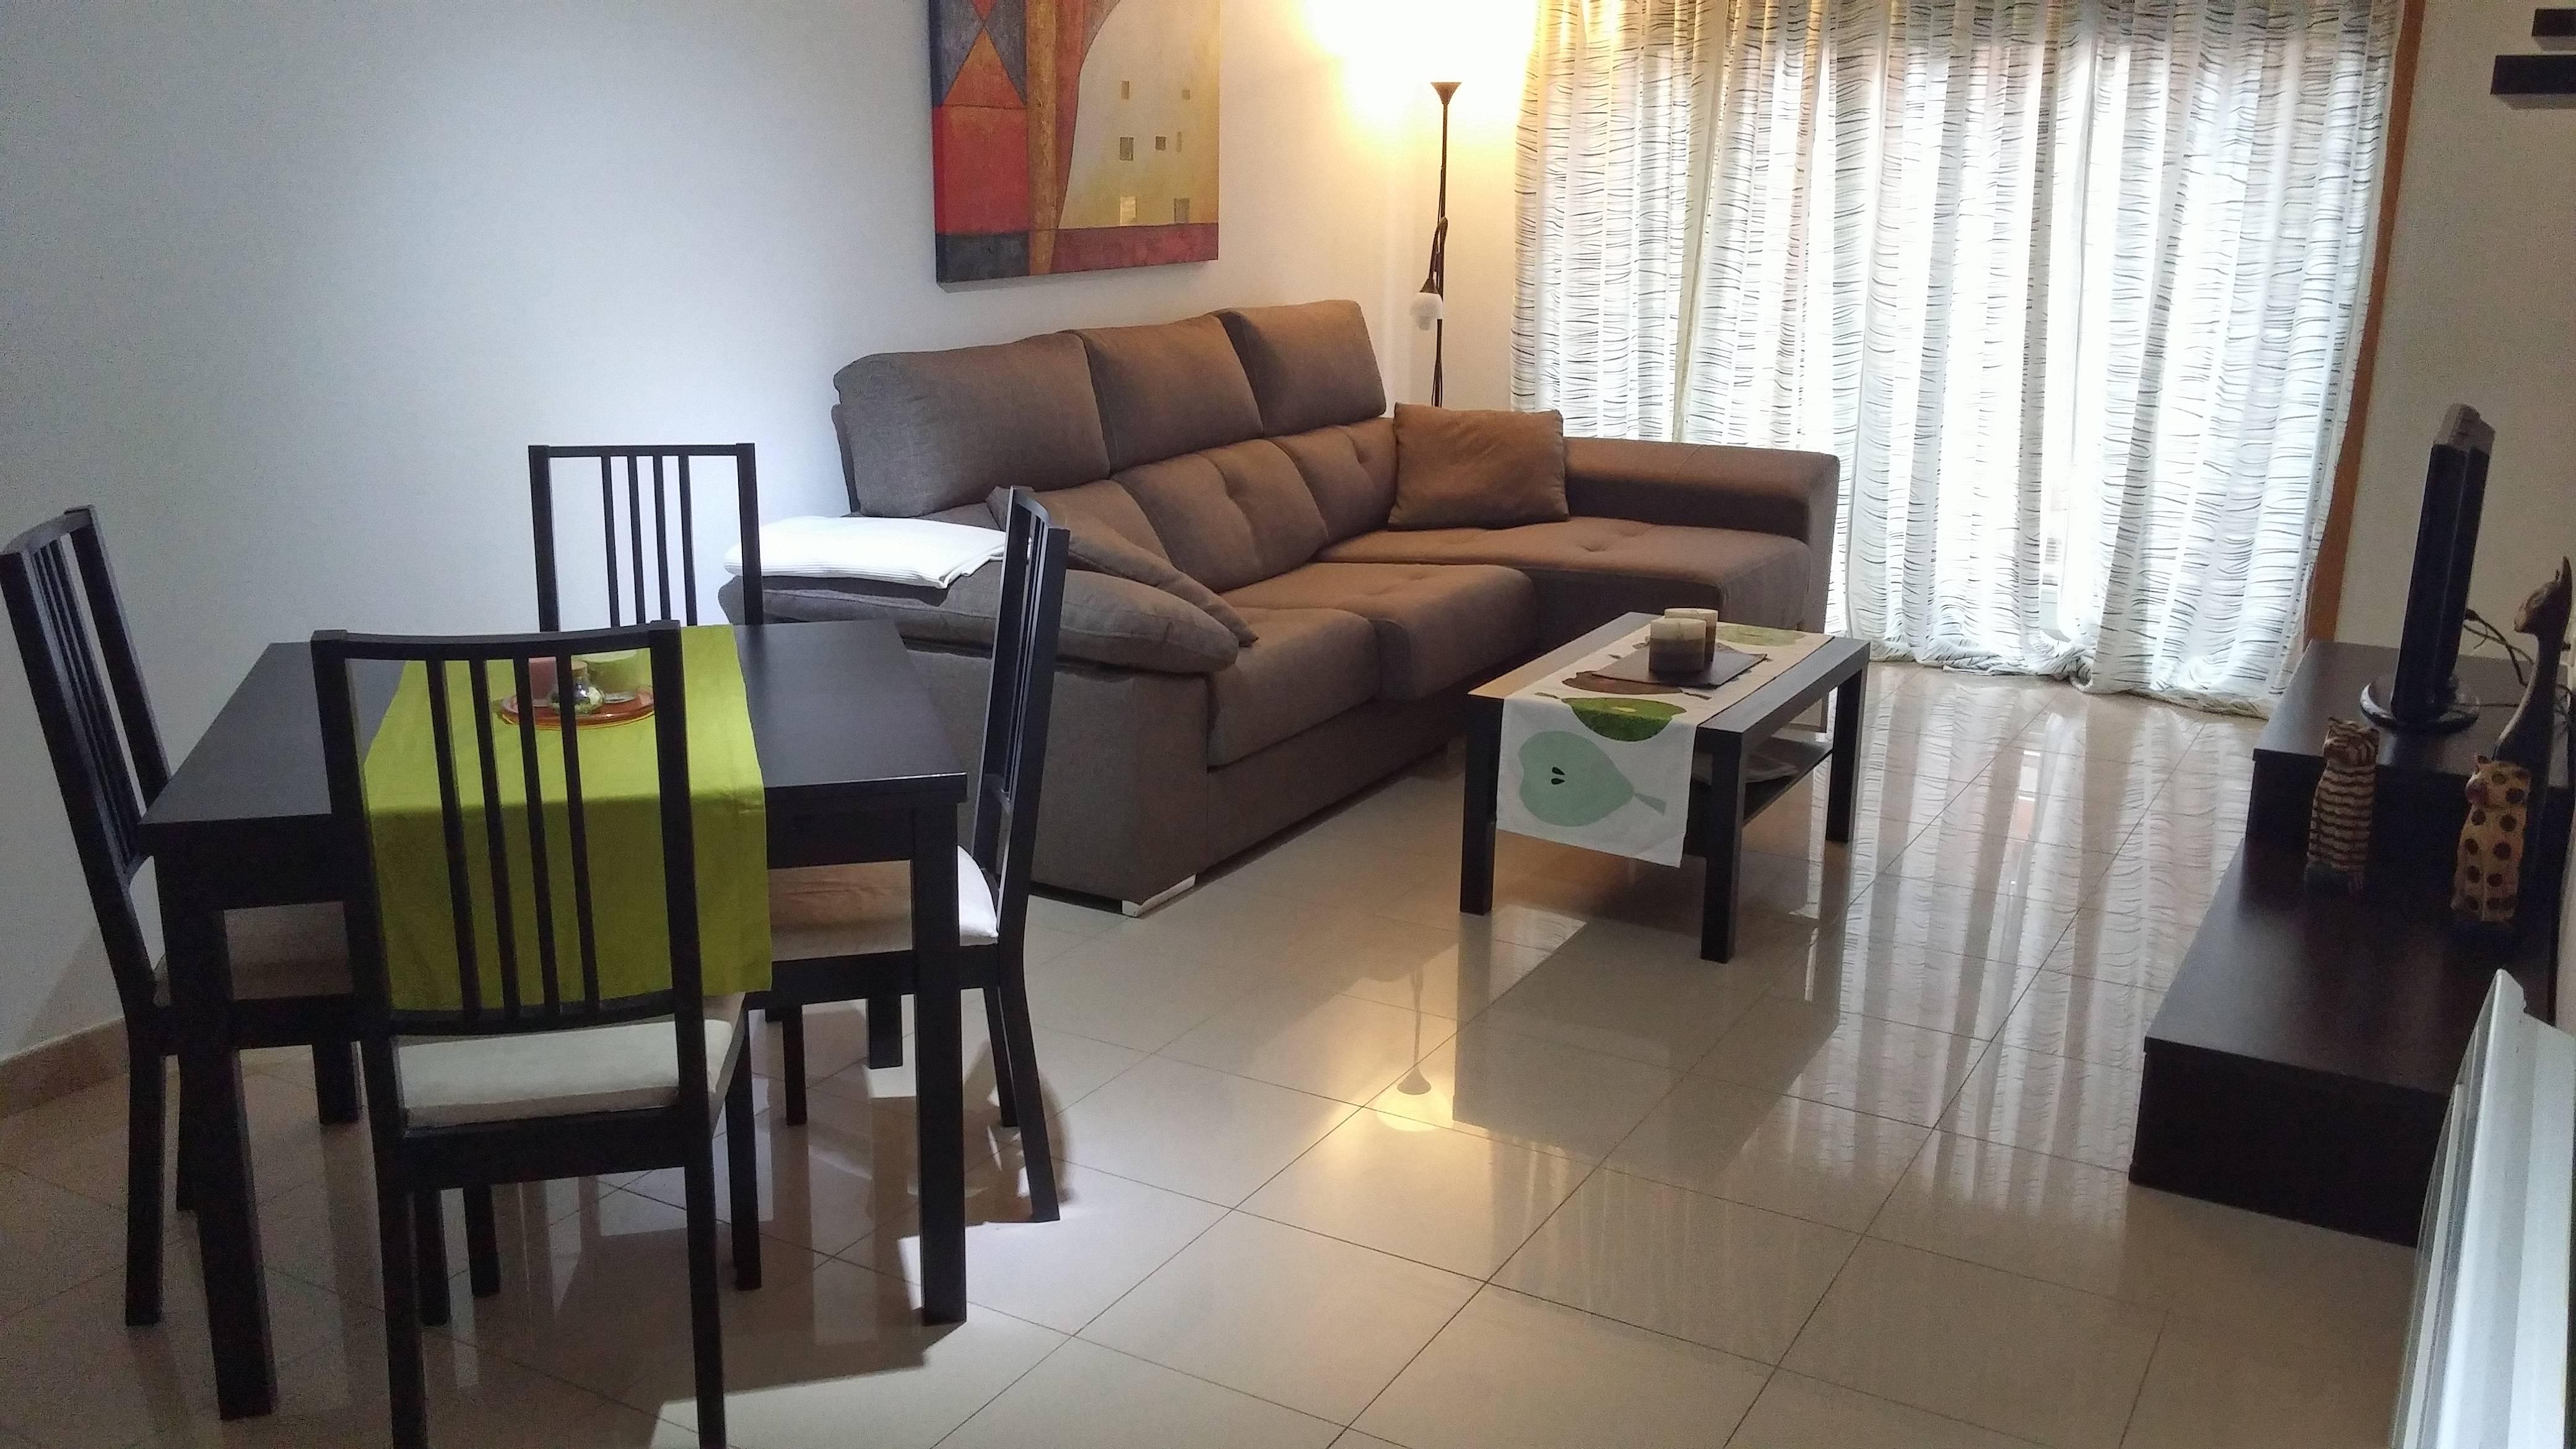 Alquiler vacaciones, apartamentos y casas rurales en Cedeira - A ...